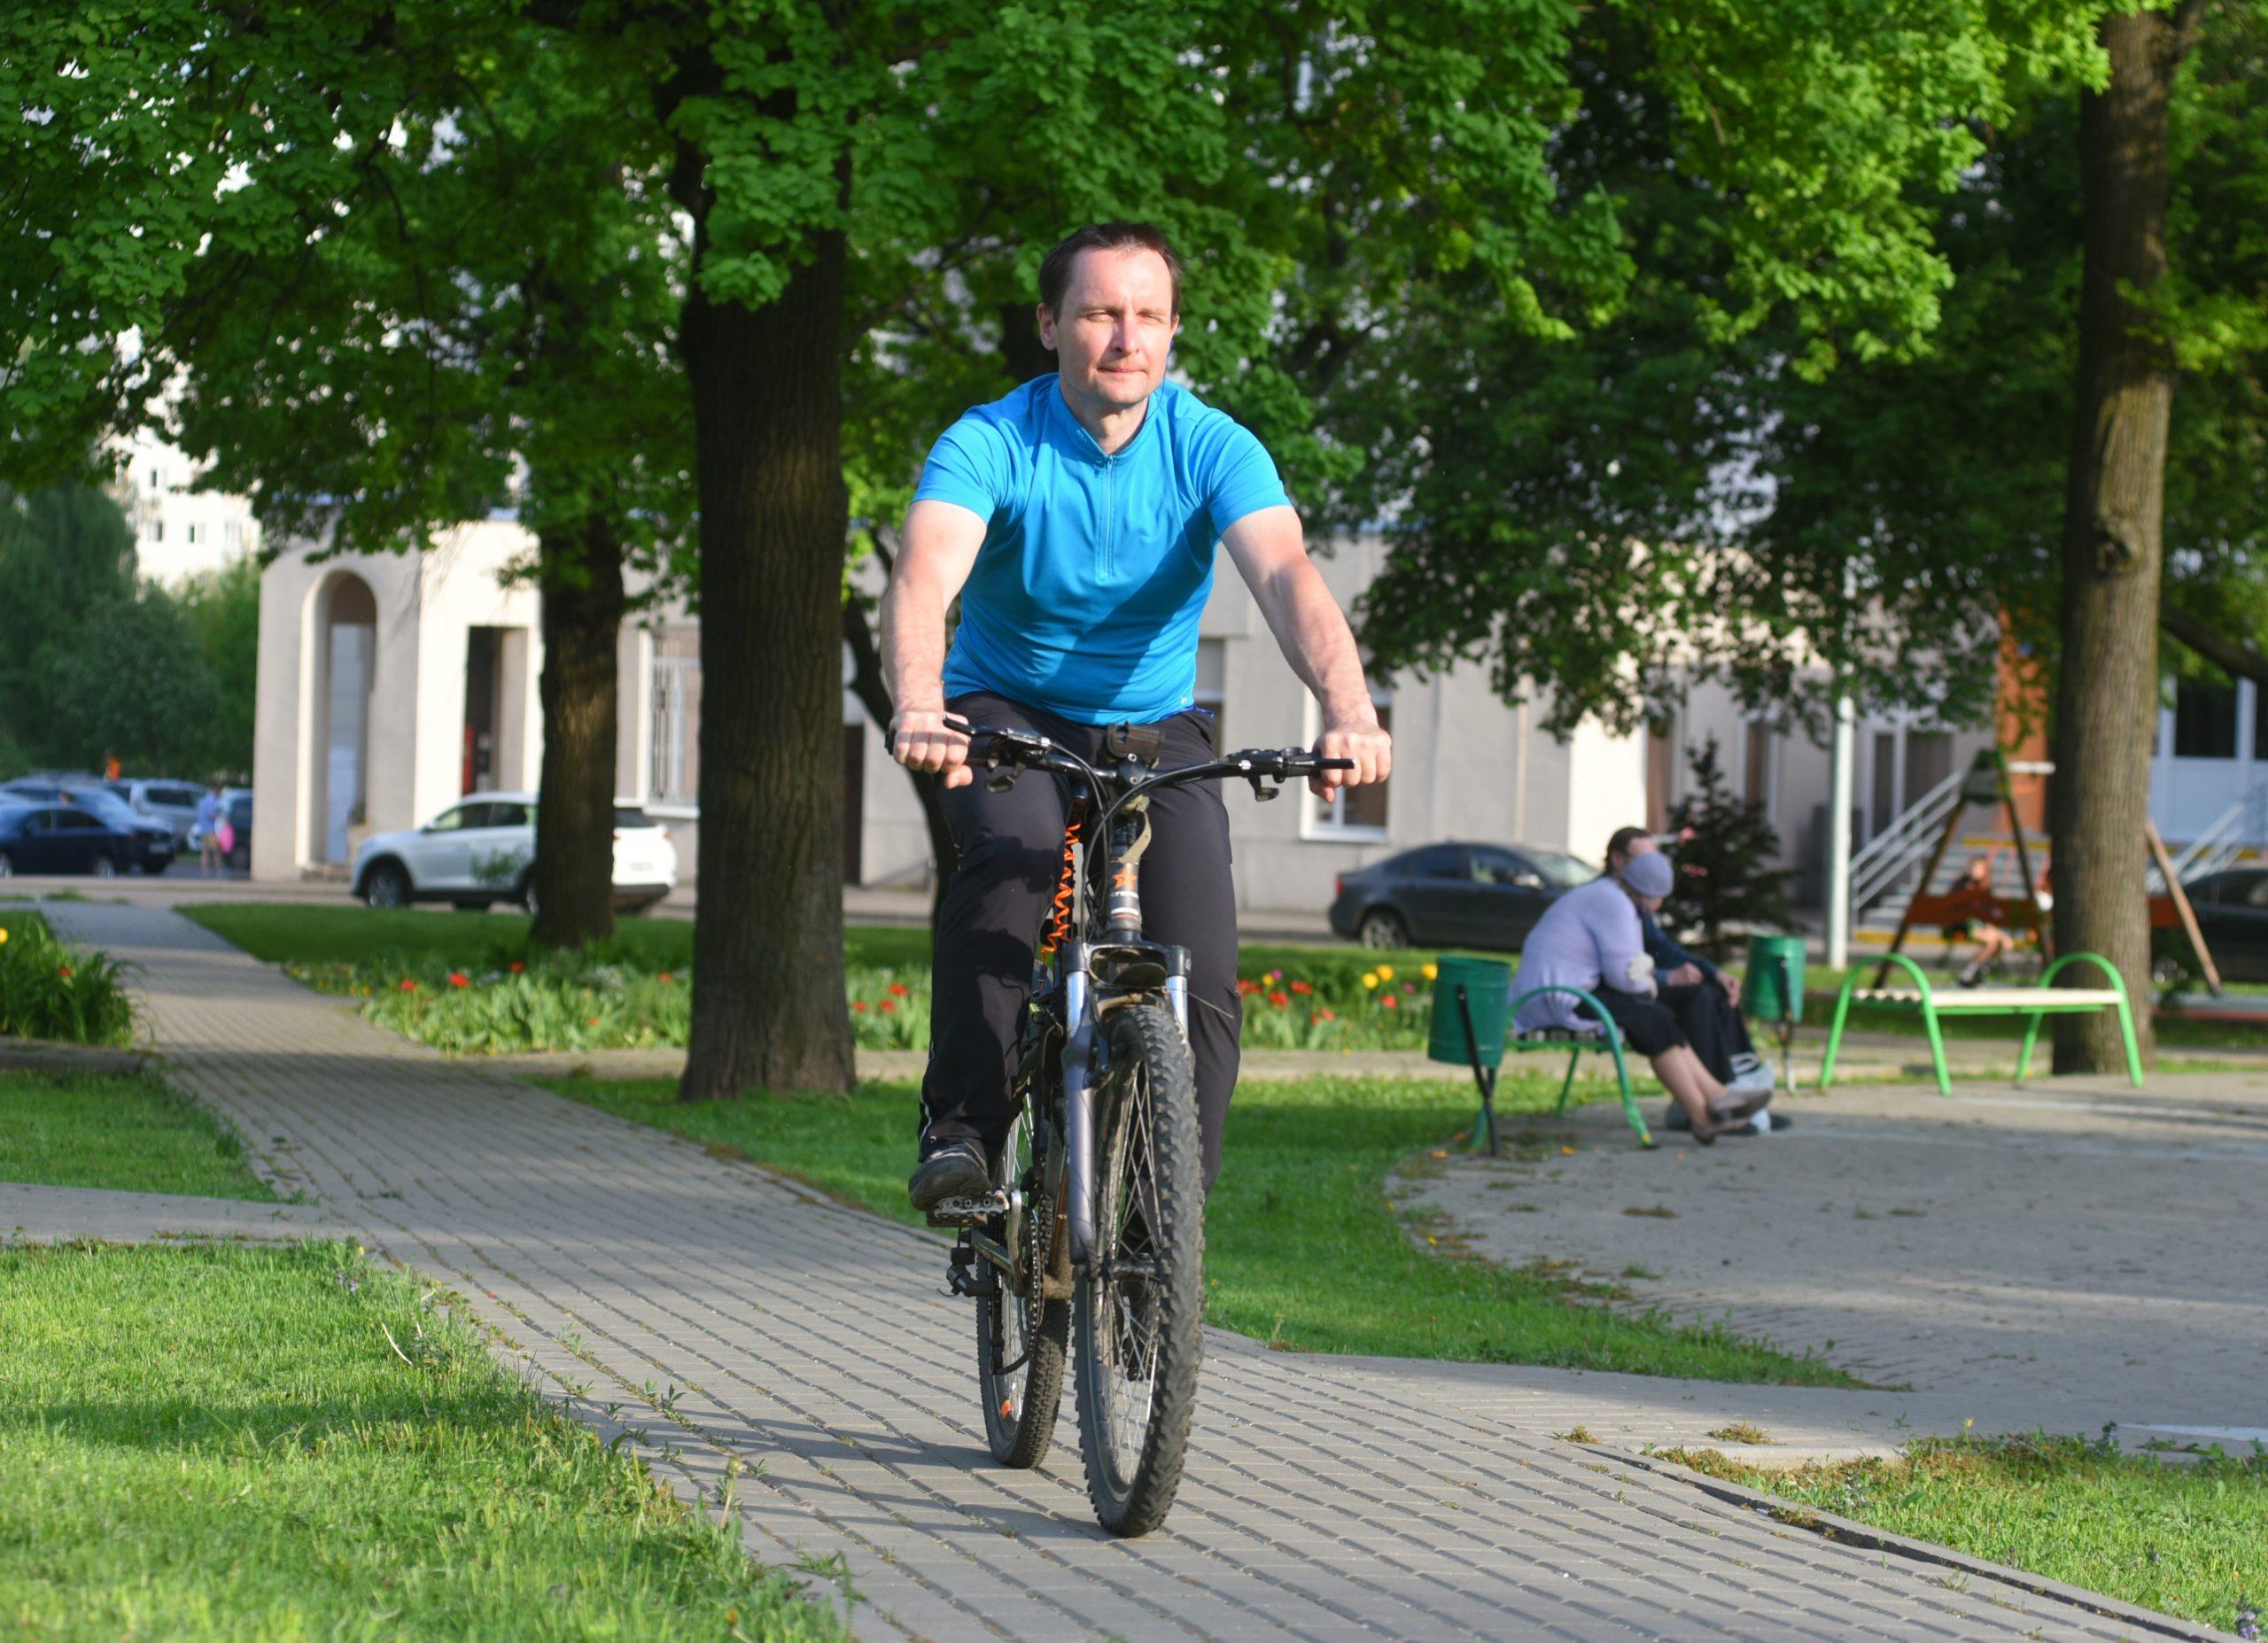 Скорей седлай велосипед